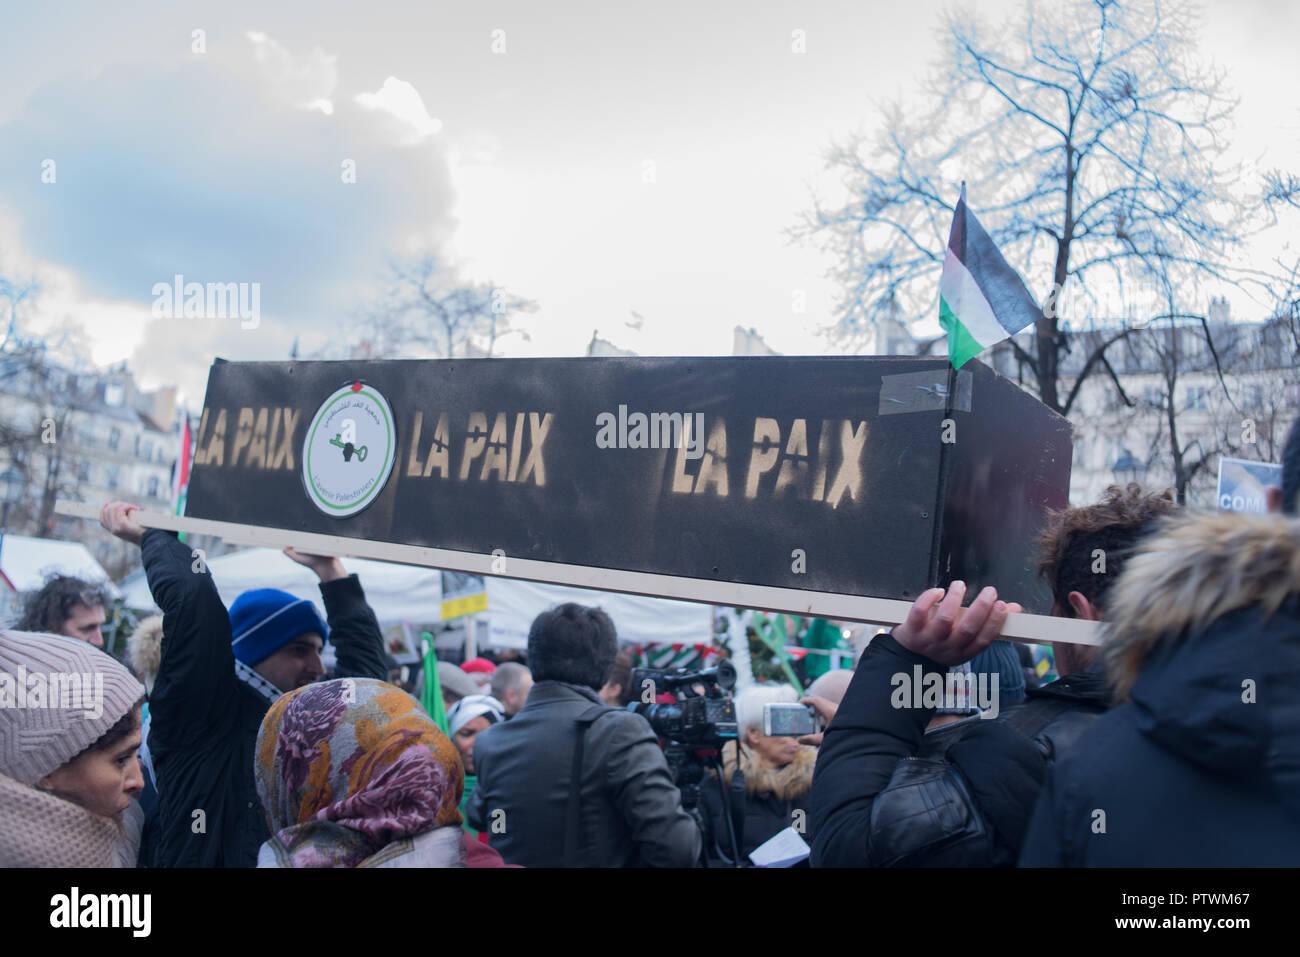 Paris: Rally for Palestine - Stock Image